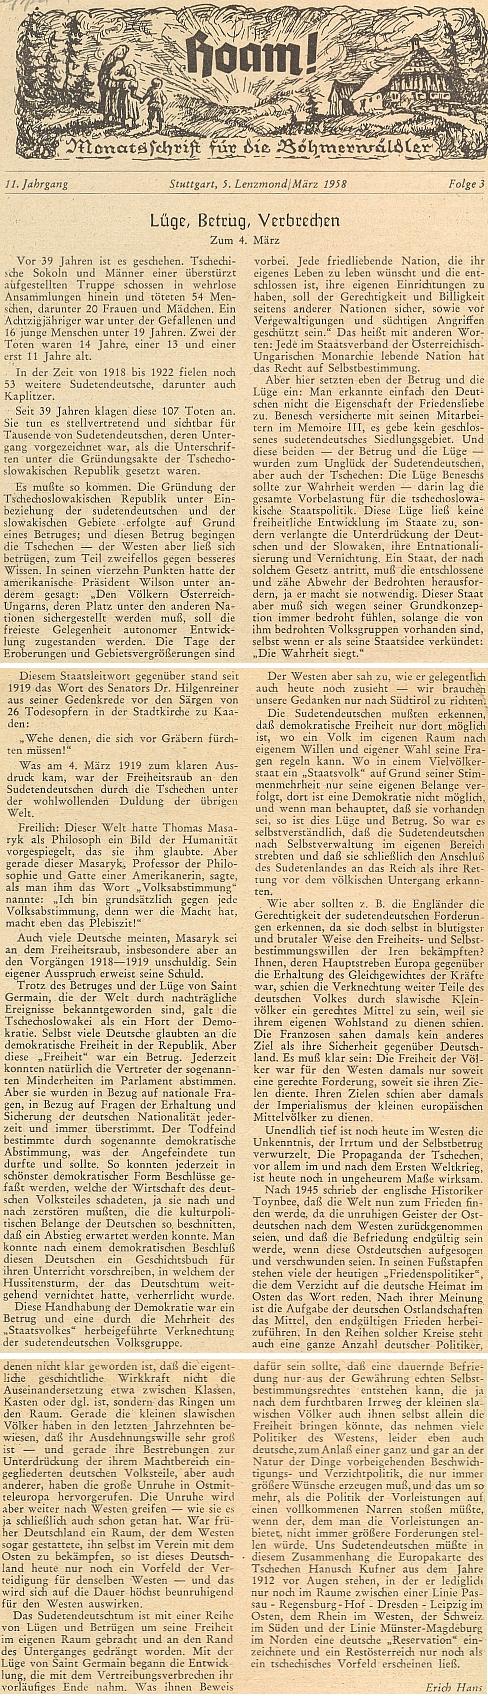 """Článek k výročí 4. března 1919, kdy padlo pod českou palbou 54 Němců, dožadujících se sebeurčení (Hans zmiňuje i dalších 53 mrtvých v letech1918-1922, mj. i z bojů o Kaplici) nadepsal """"Lež, podvod, zločin"""""""